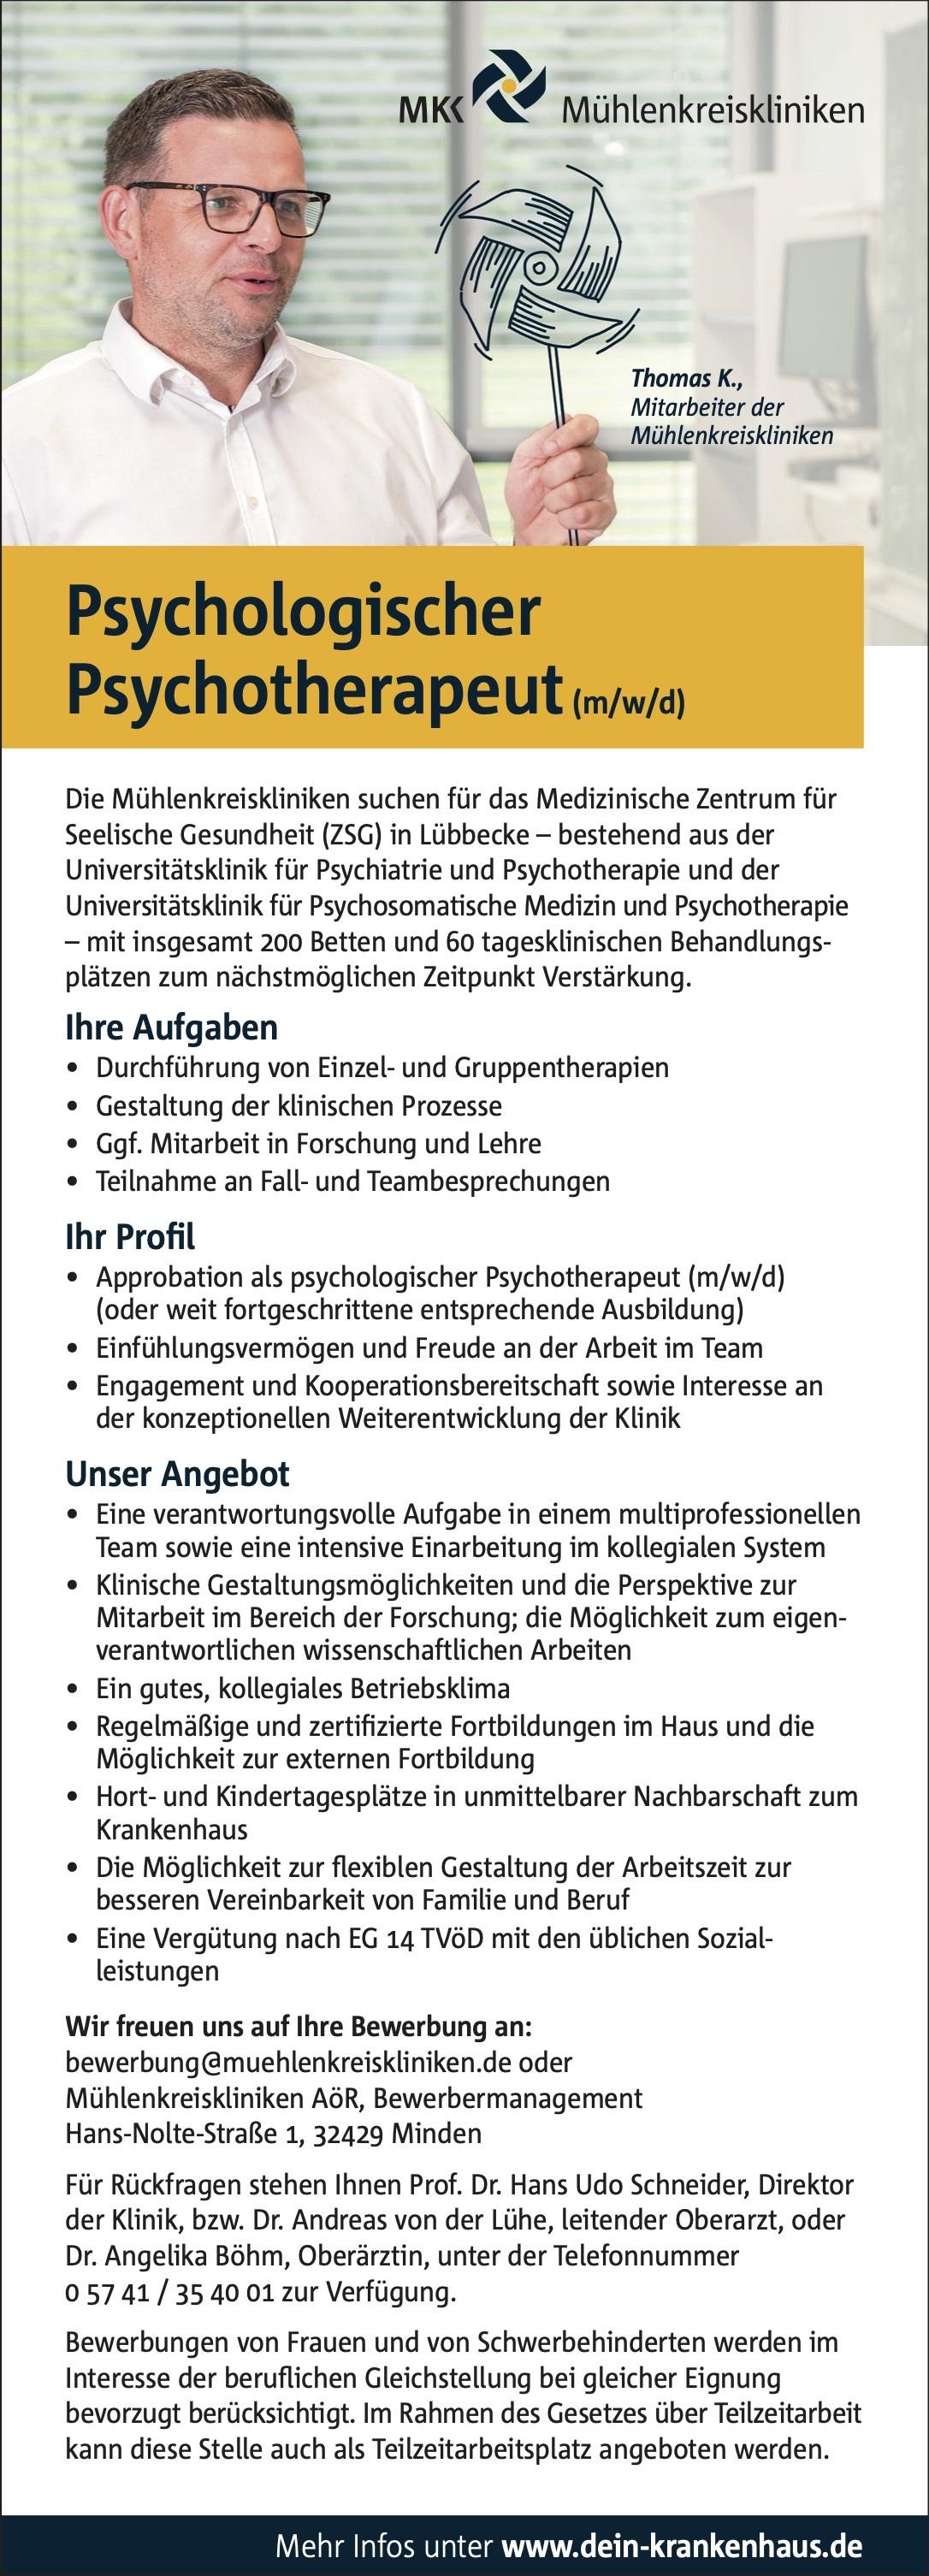 Psychologischer Psychotherapeut (m/w/d)